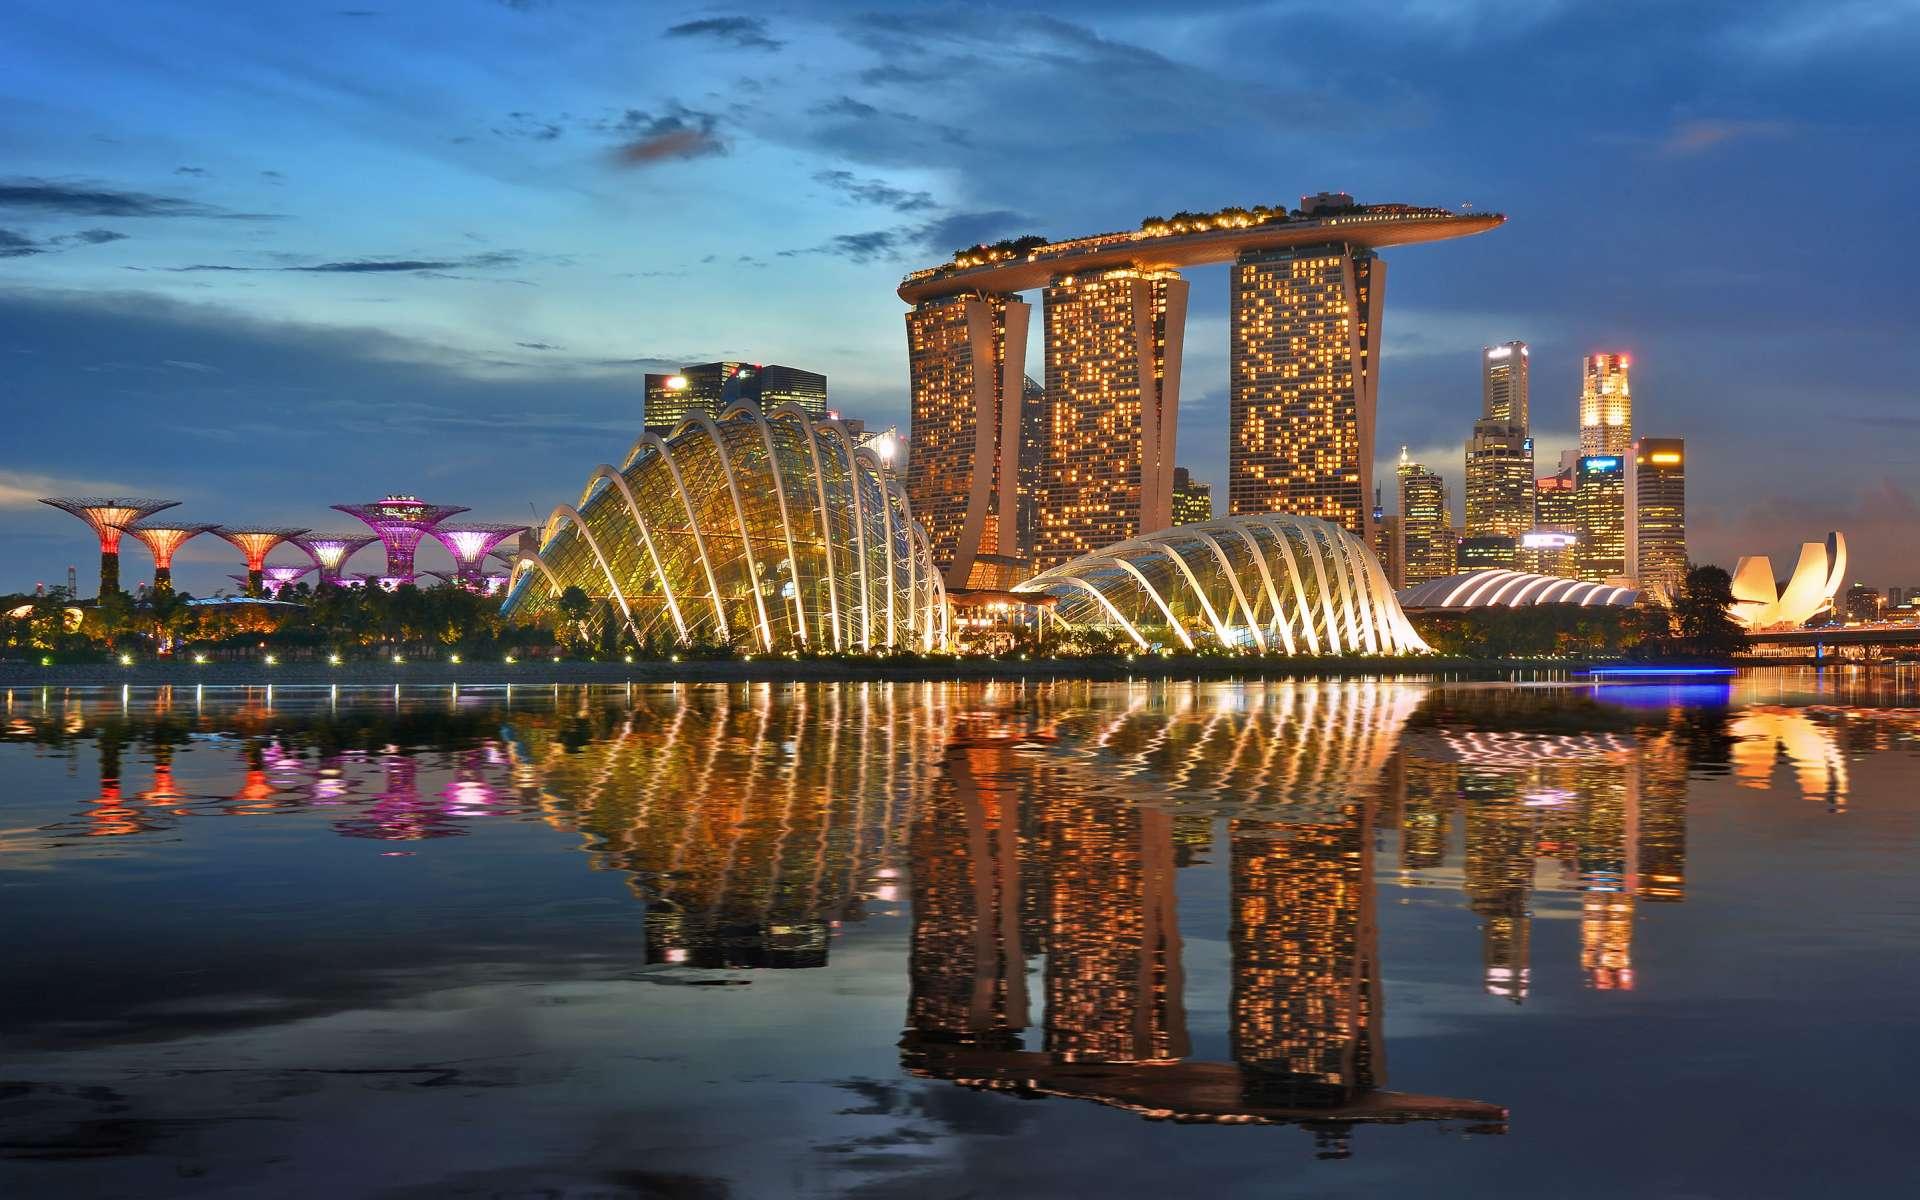 Singapour. © JKboy Jatenipat, Shutterstock